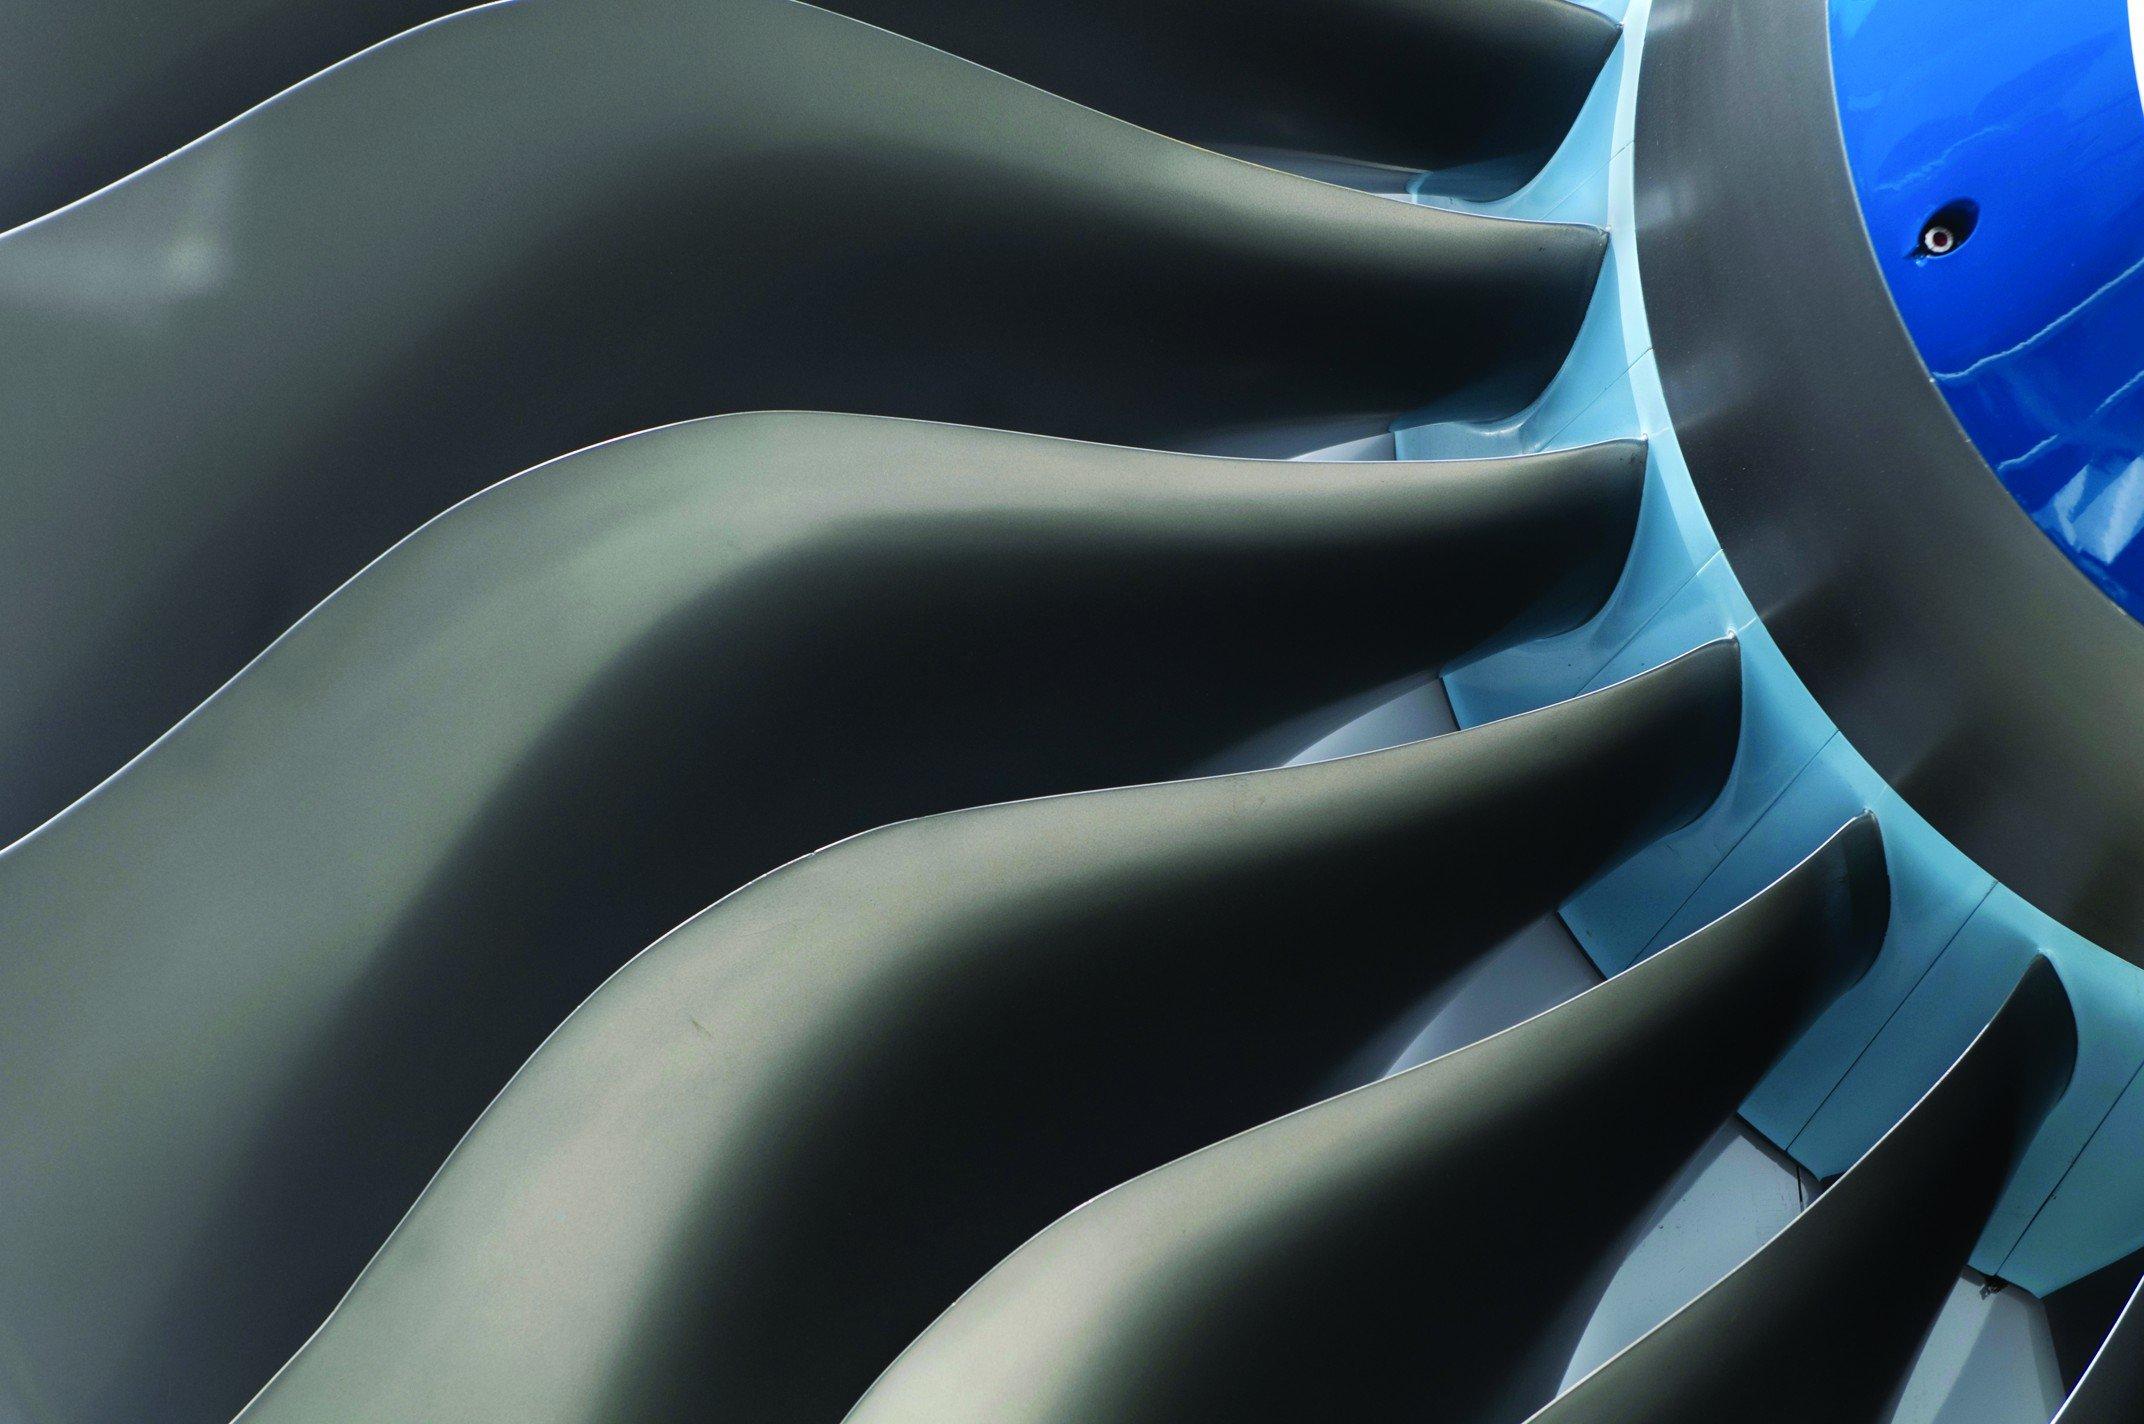 Wind turbine blades.